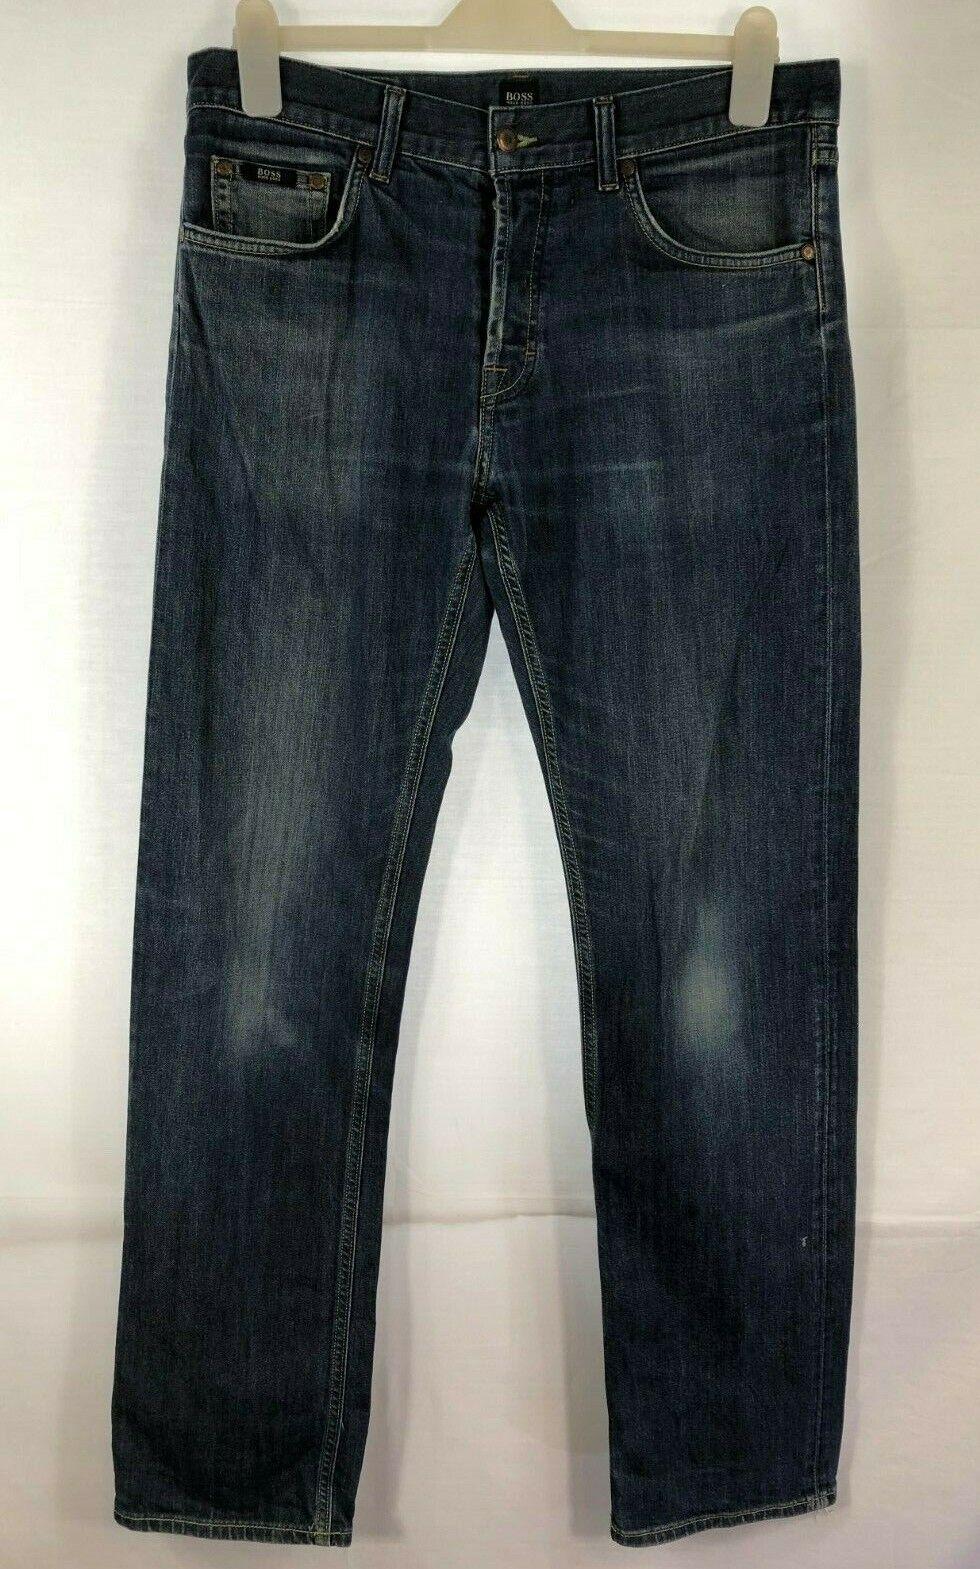 HUGO BOSS Scout1 Dark bluee Regular Fit Button Fly Stretch Jeans 34Waist  23Leg